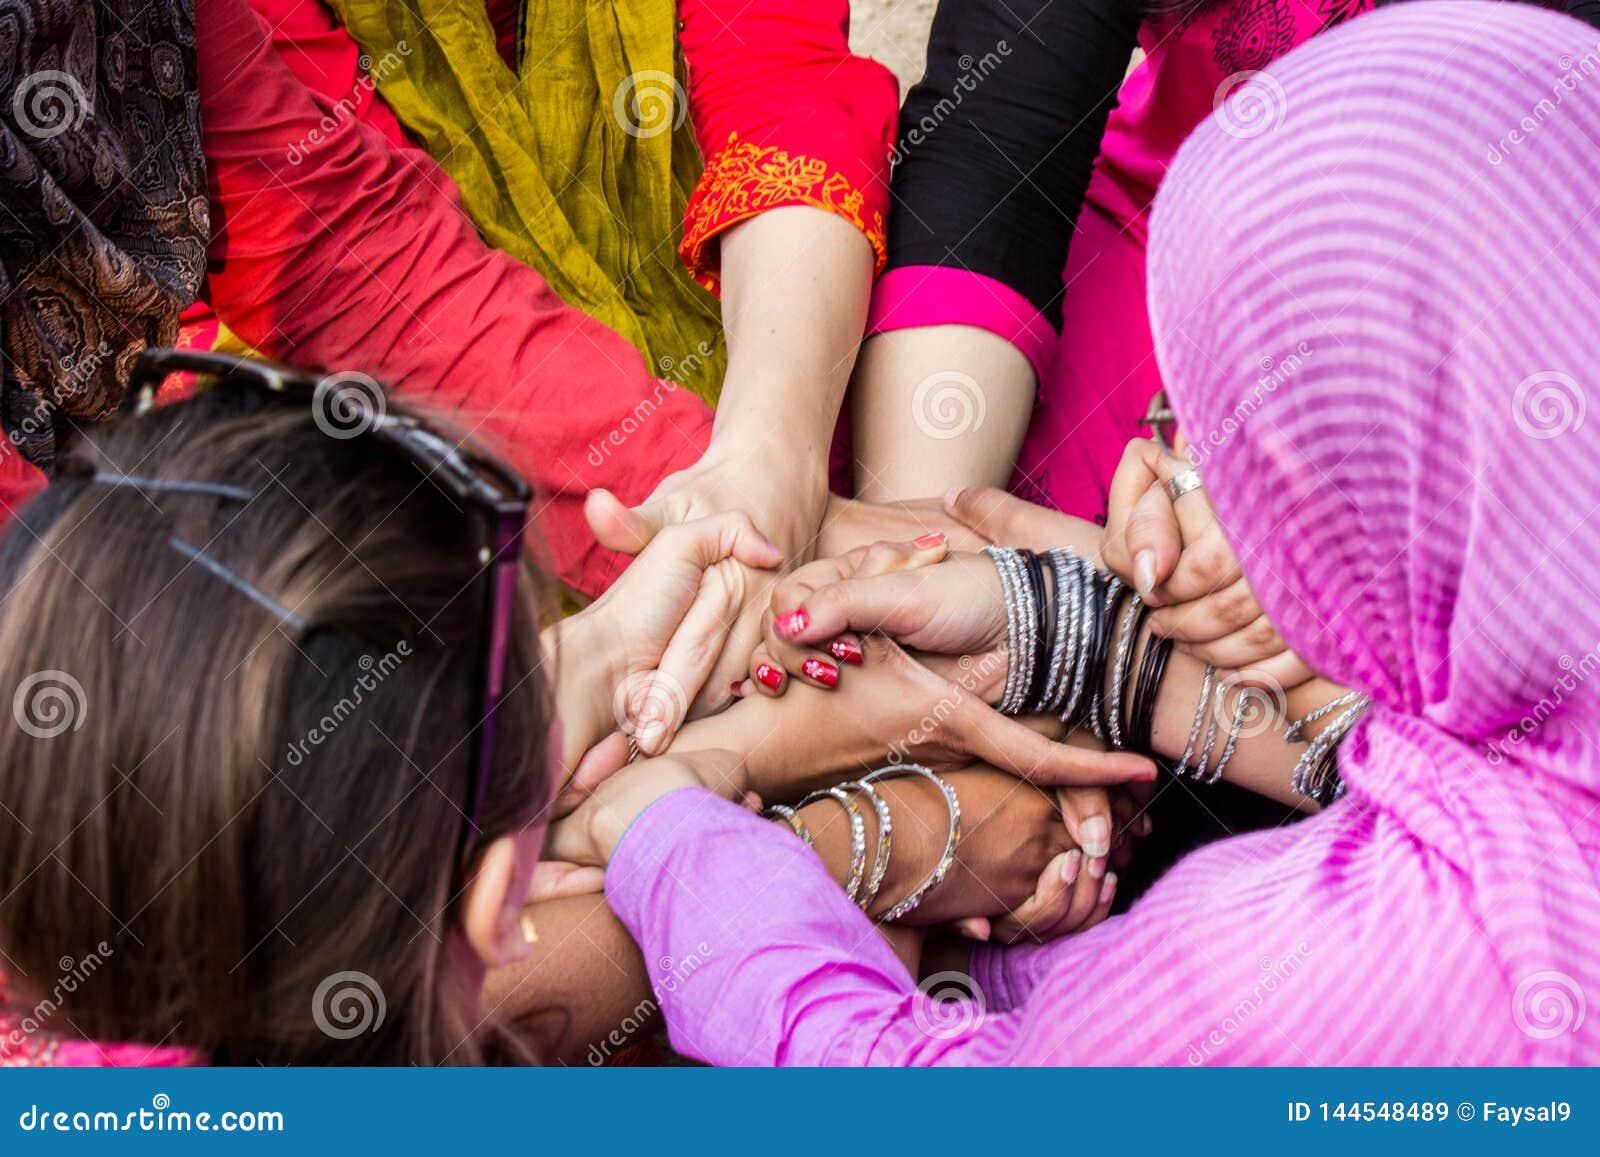 Pakistani local girls pics